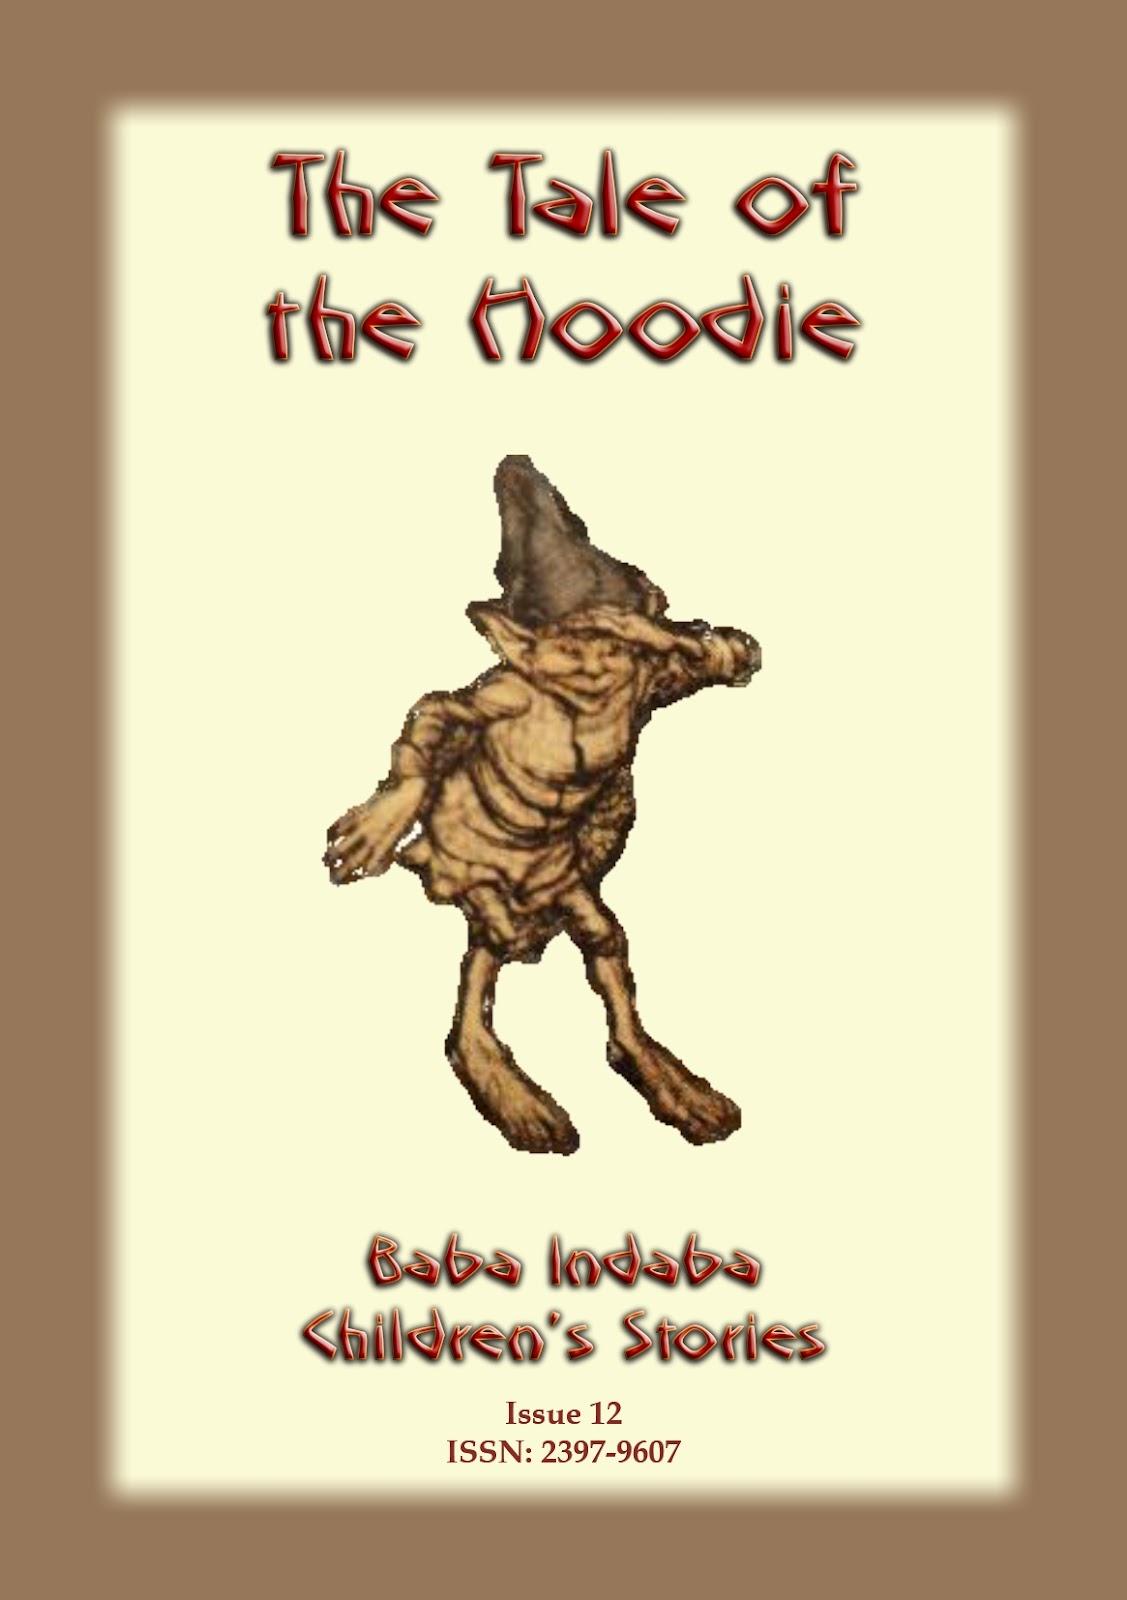 12 The Tale of the Hoodie.jpg